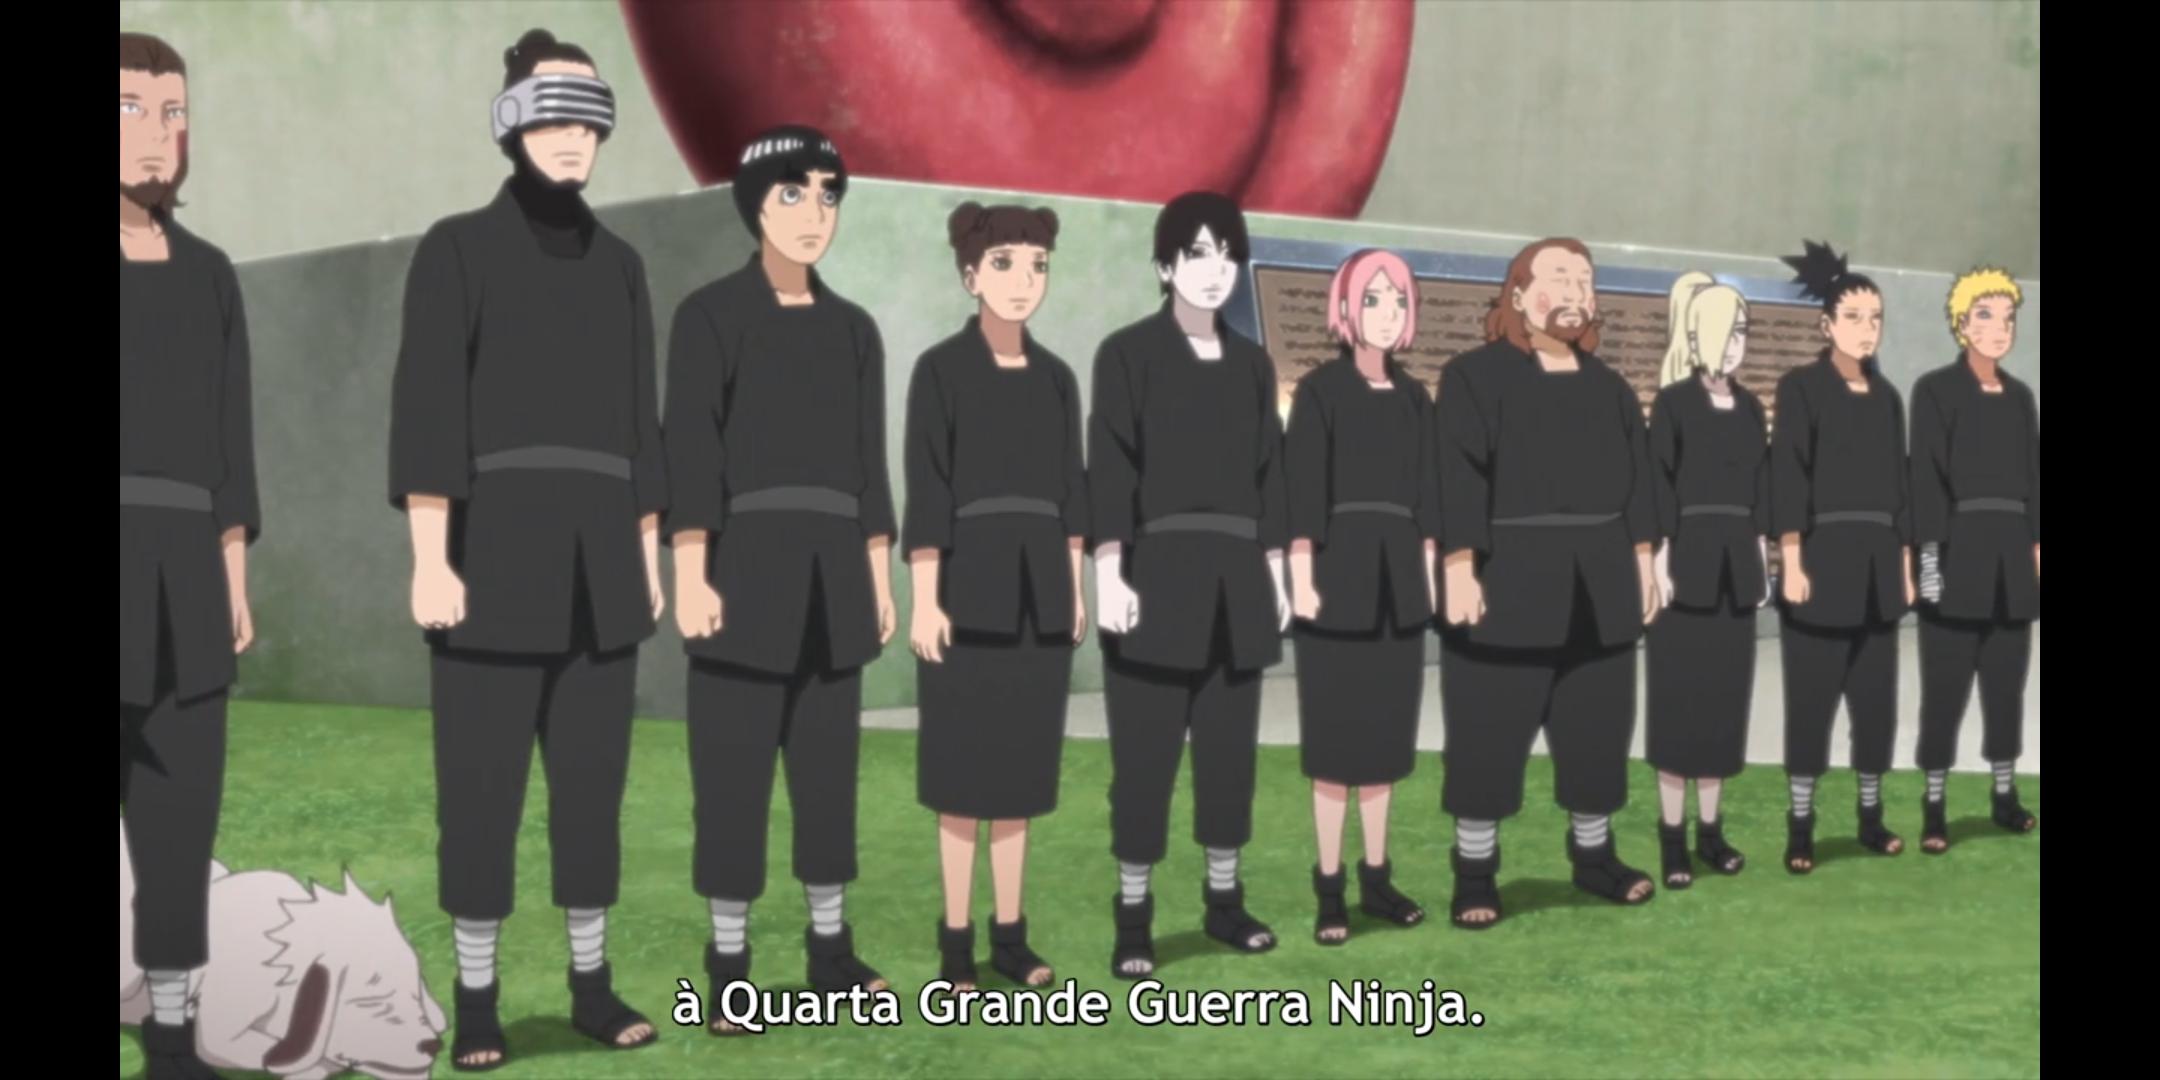 Segunda geração de ninjas